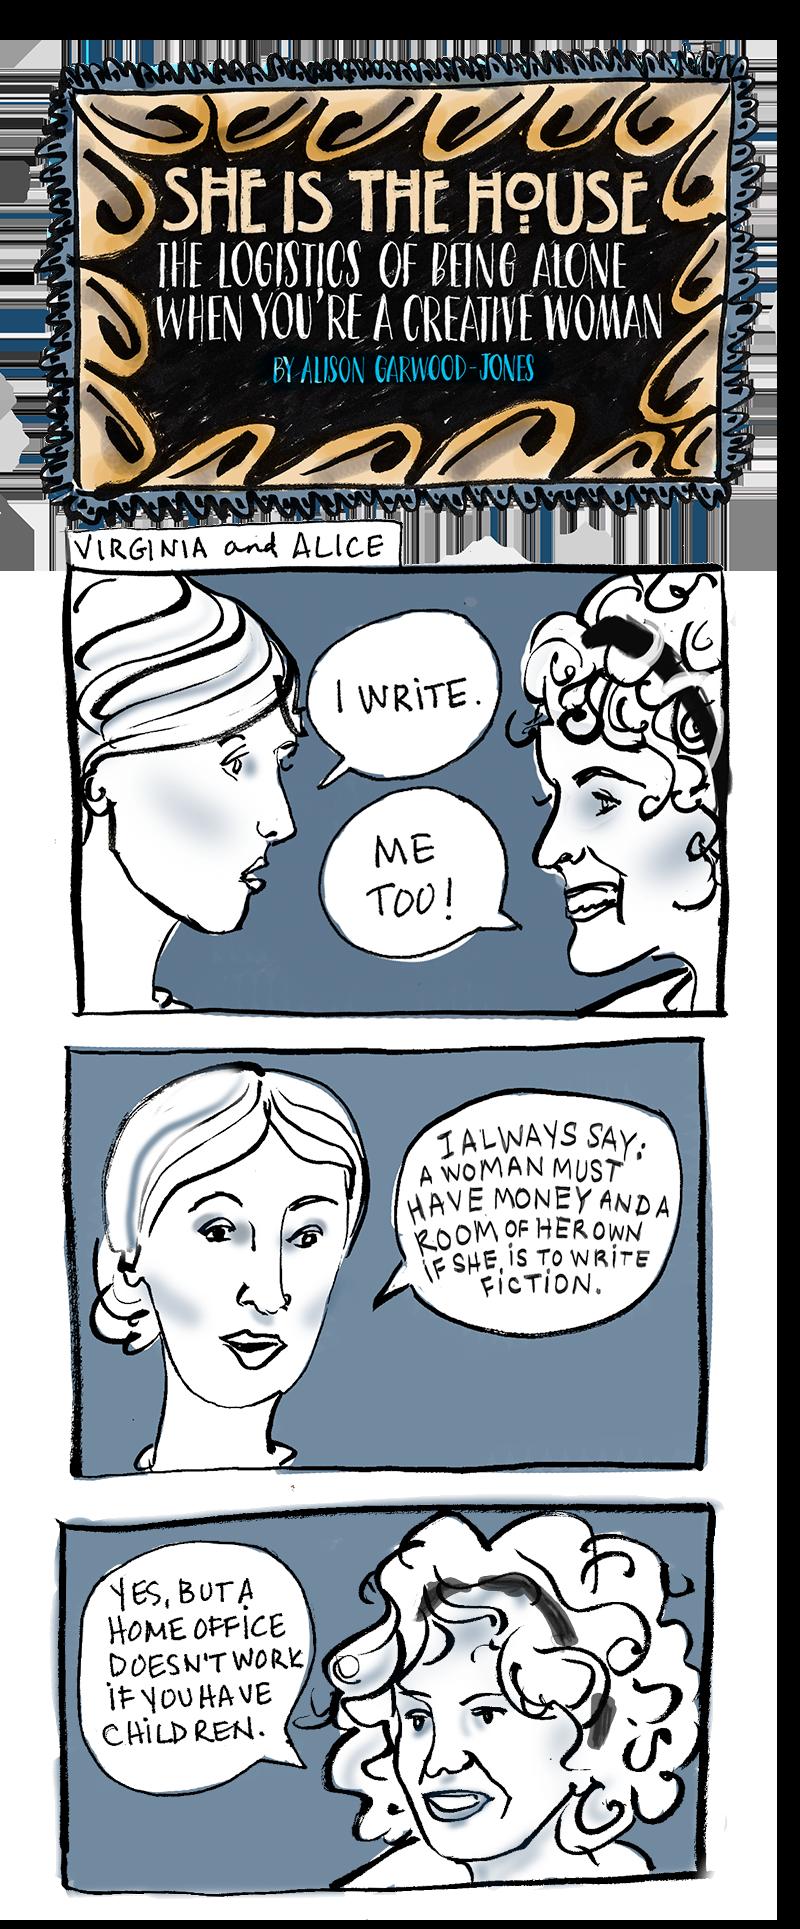 Virginia Woolf and Alice Munro Comic Strip by Alison Garwood-Jones